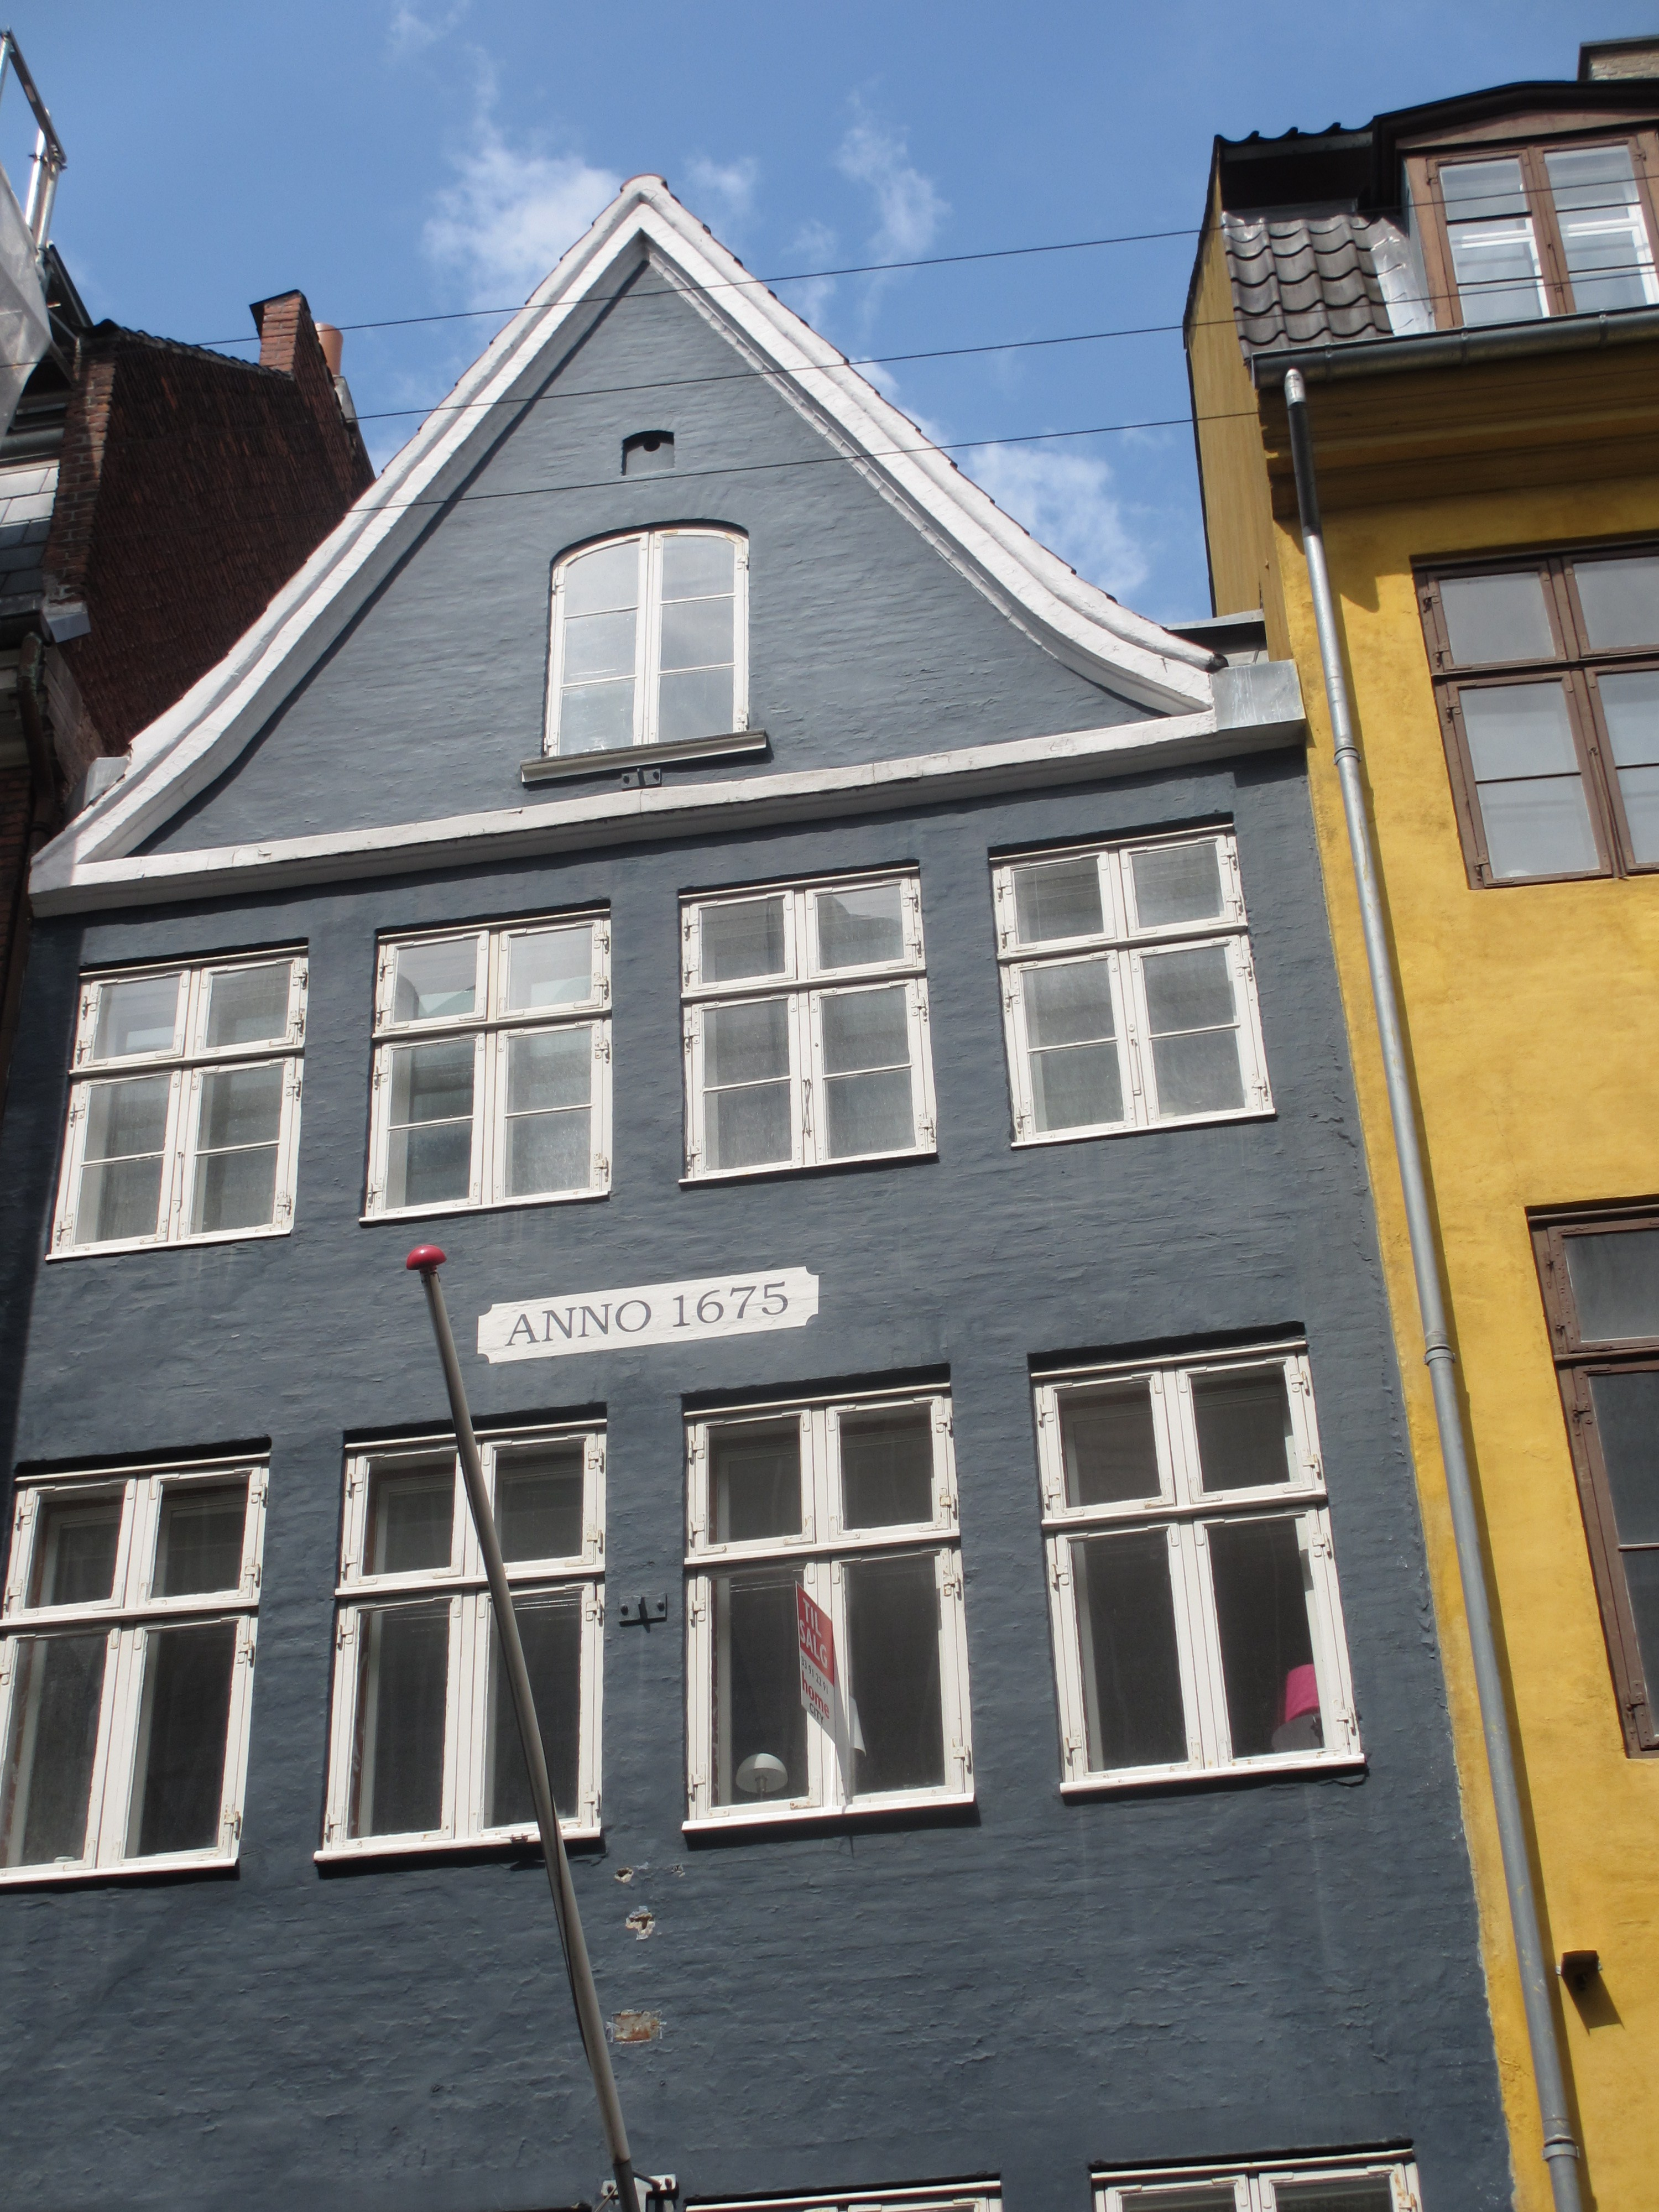 C est une maison bleu 28 images maison de la cite for Facade maison gris bleu